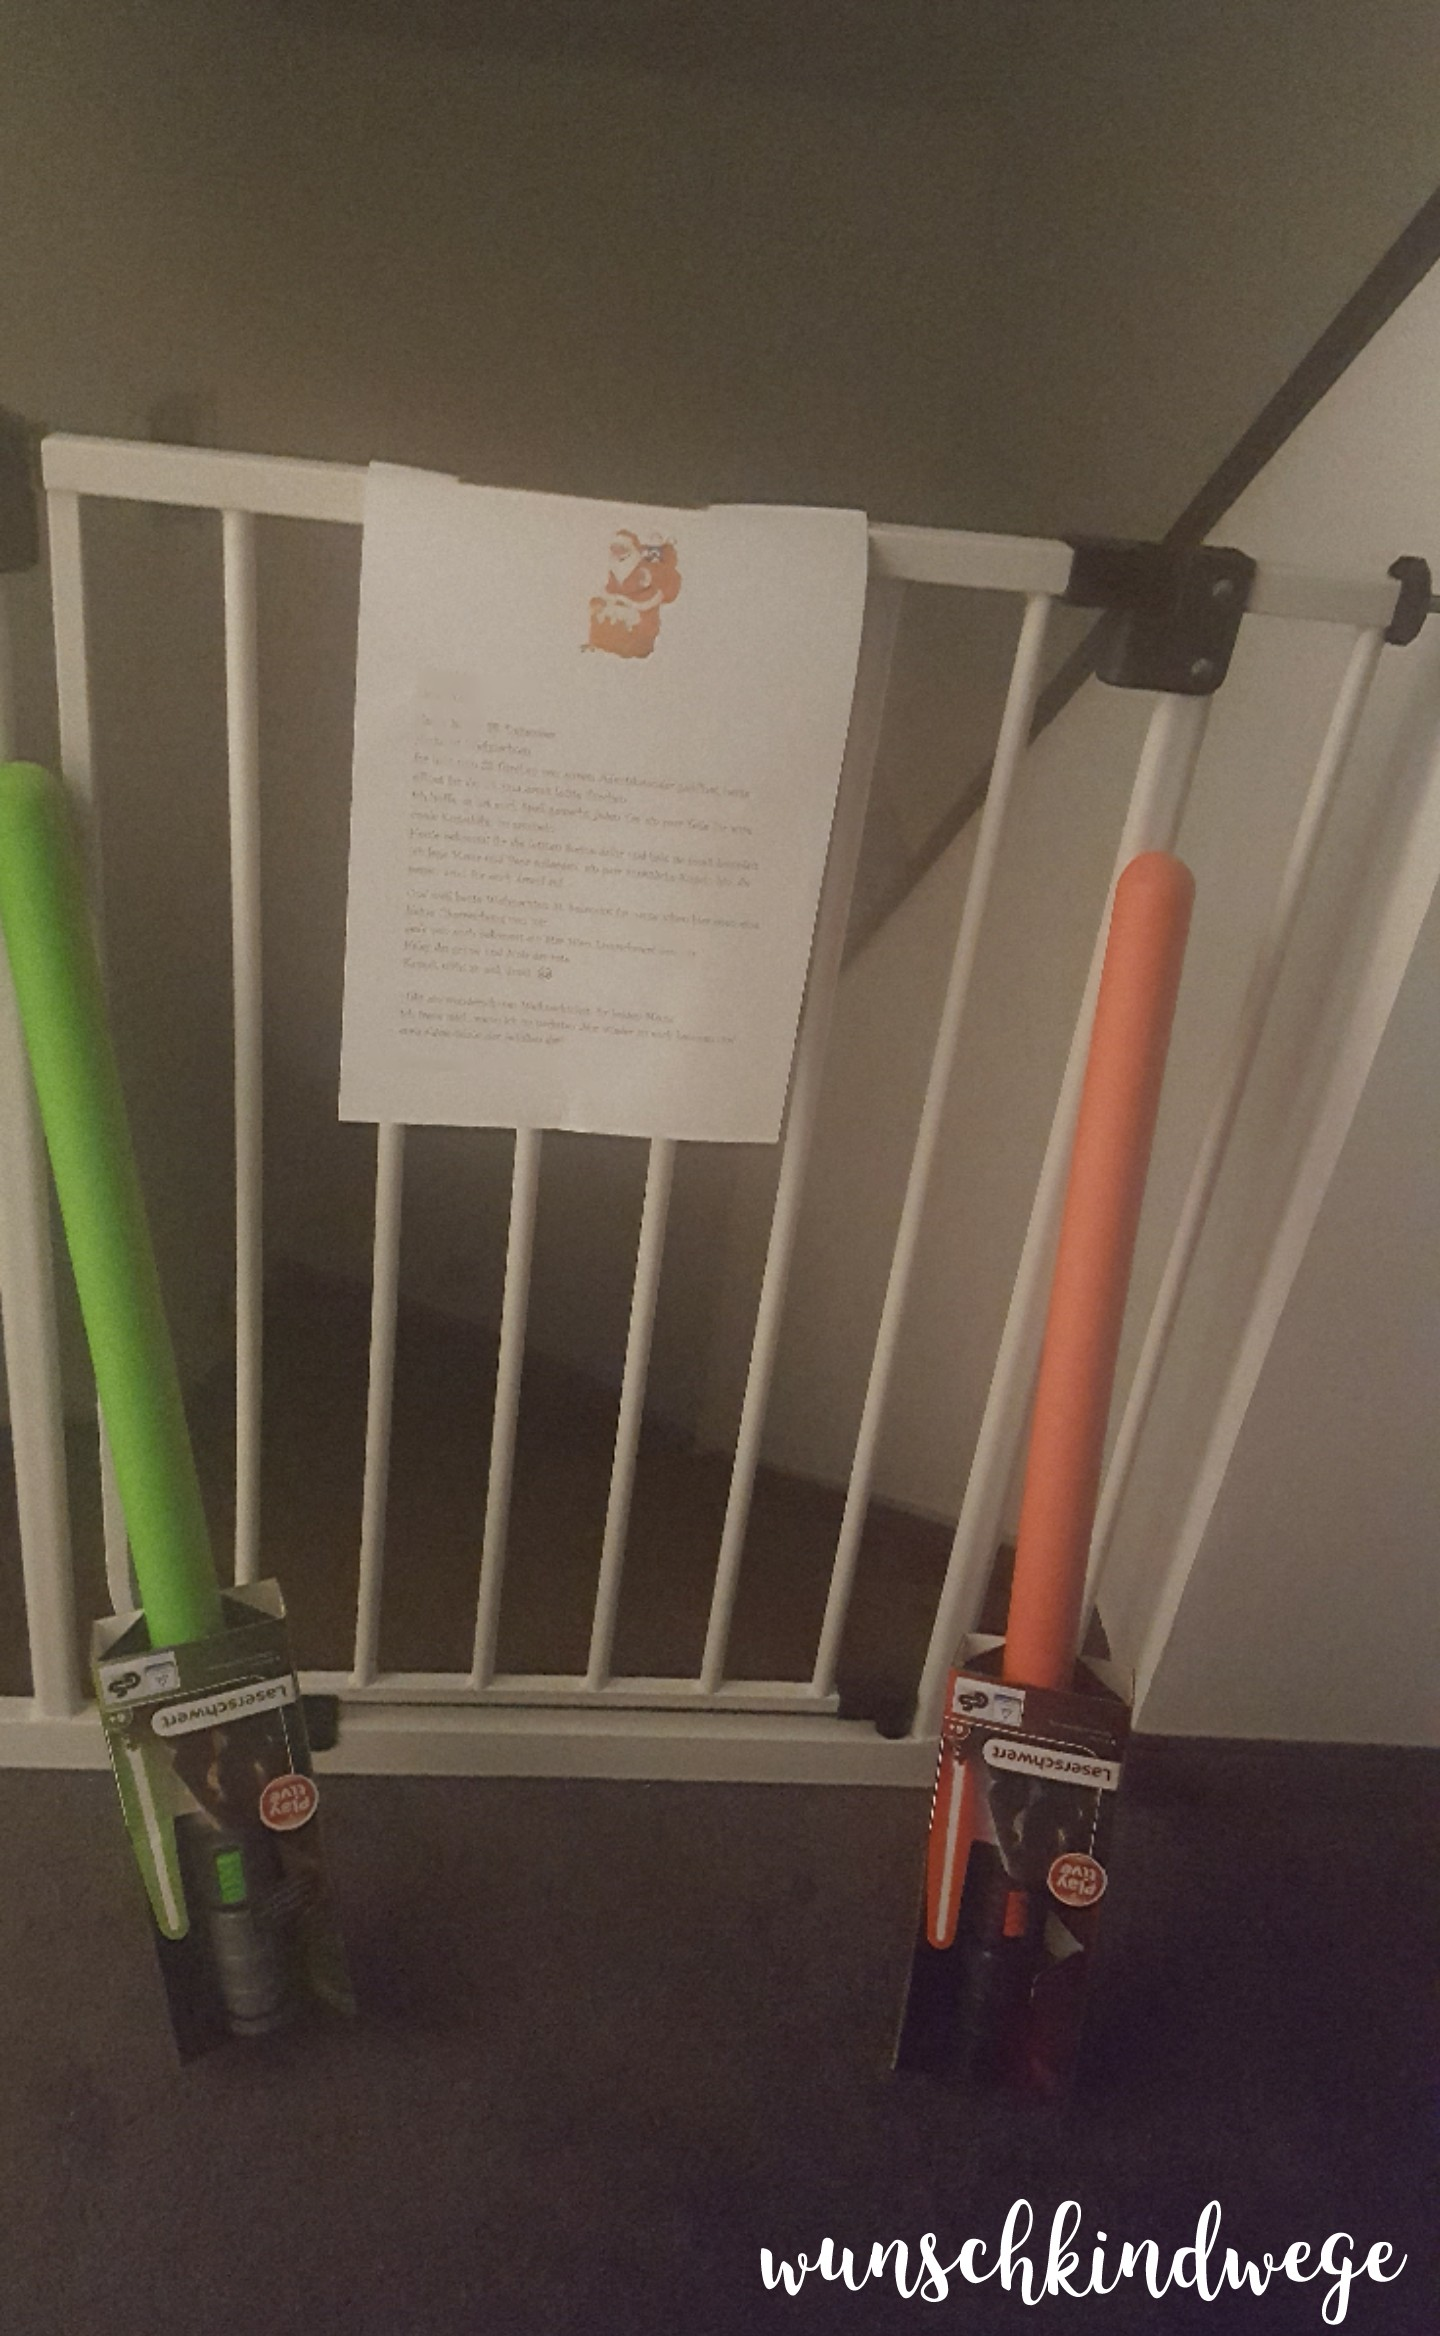 Weihnachtswochenende Laserschwert